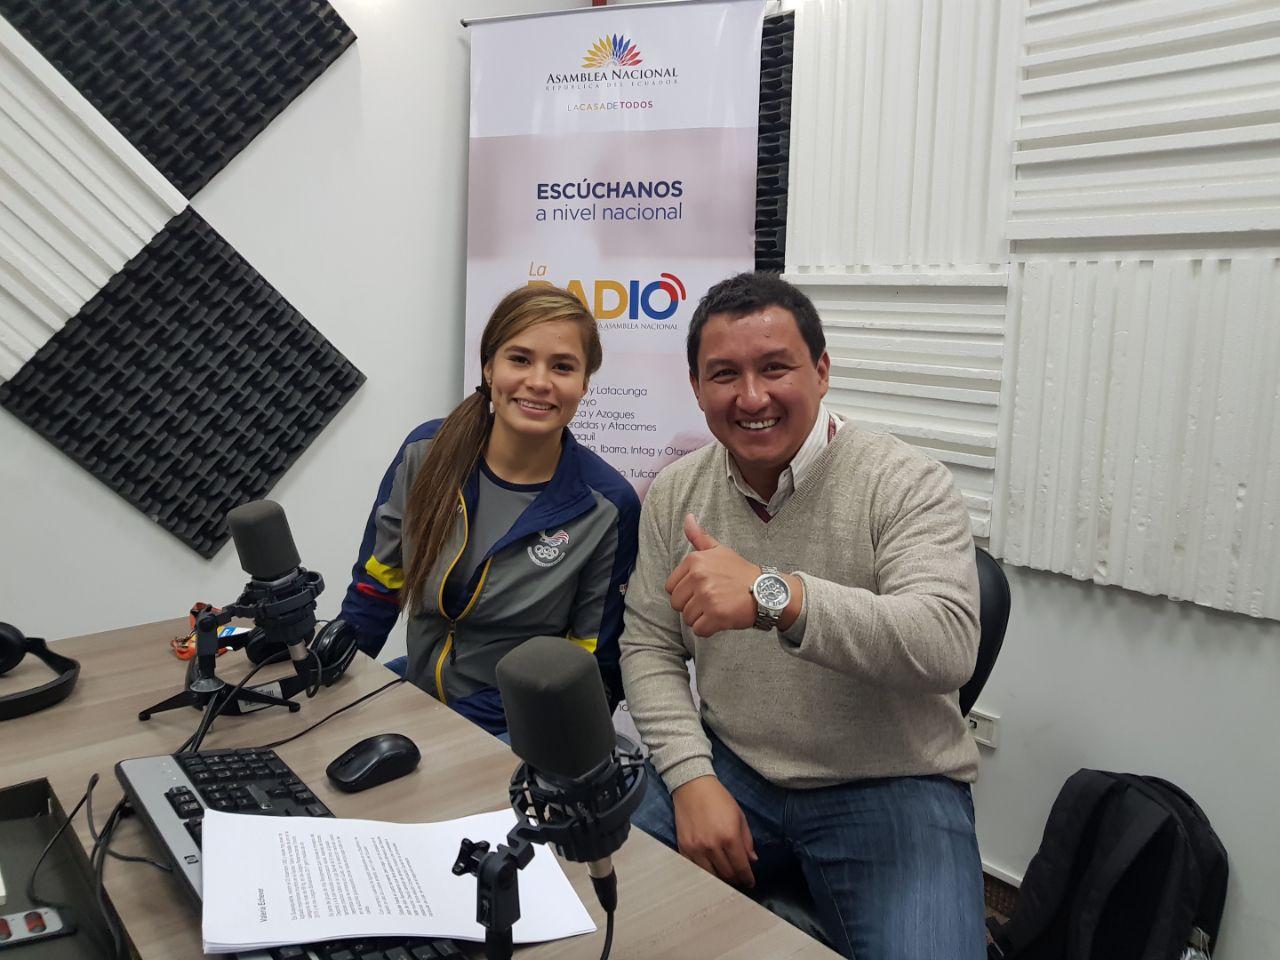 Juegos Bolivarianos 2017 Escalando el Medallero: Valeria Echever Medallista